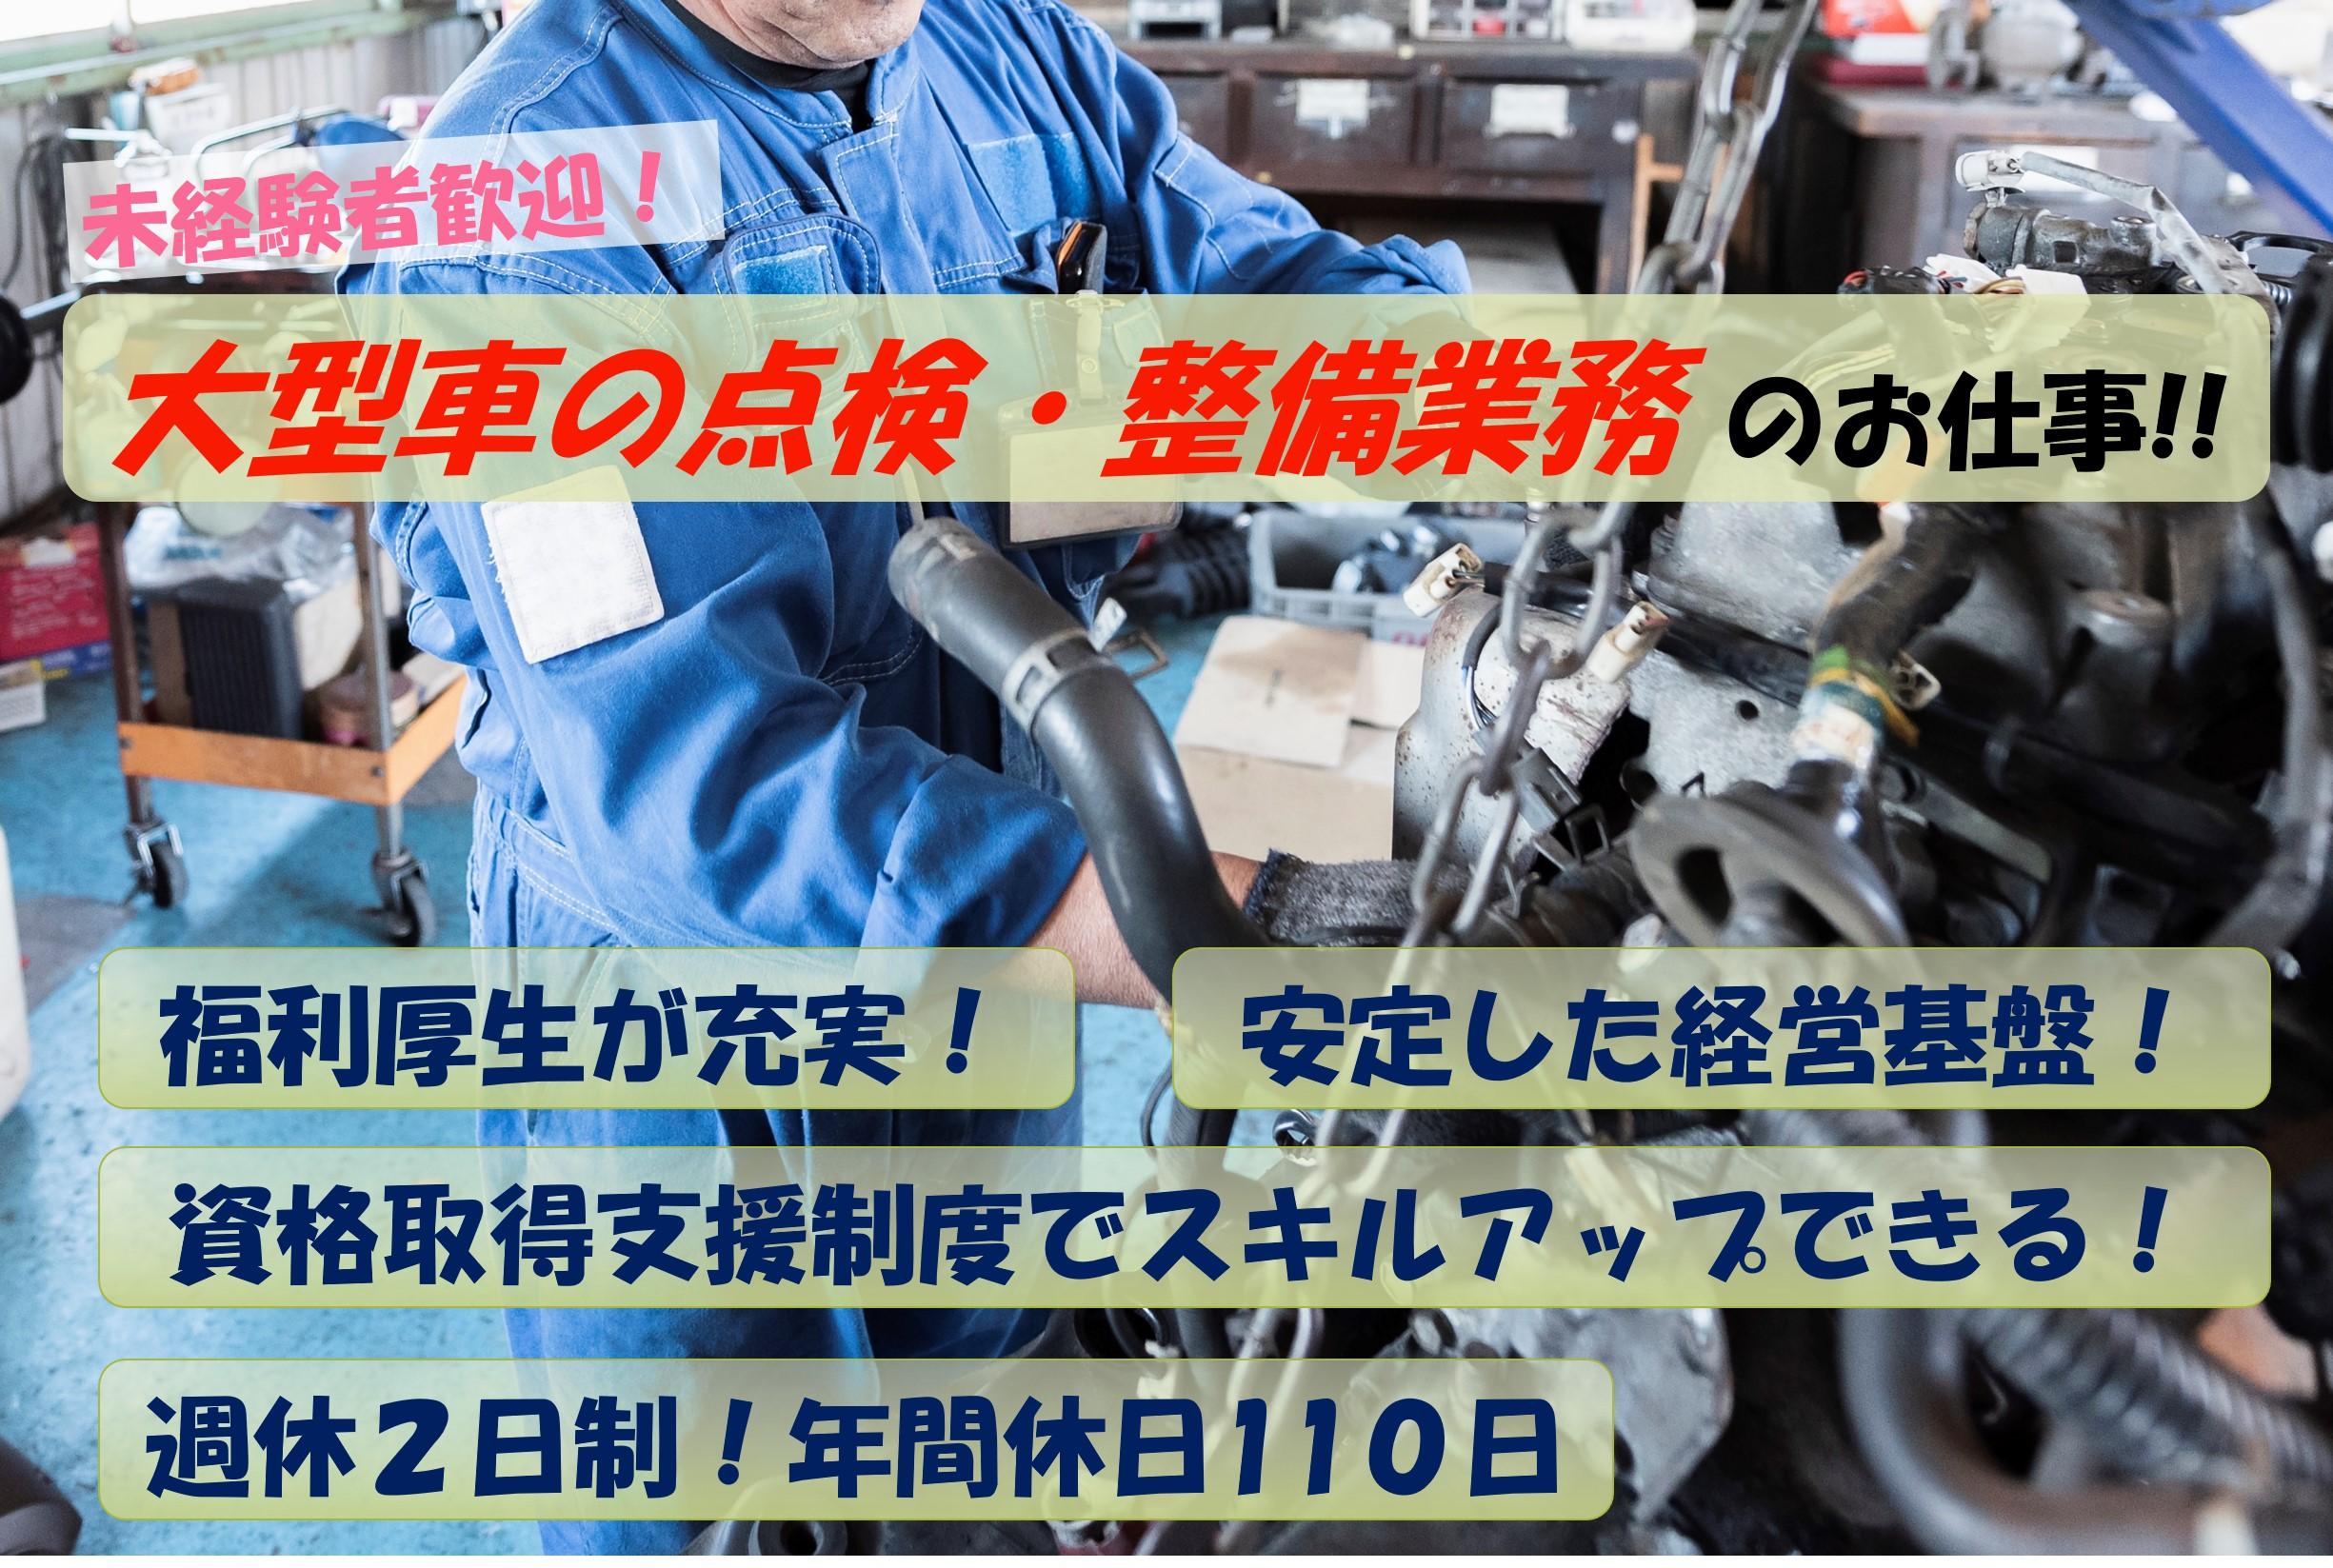 未経験でもOK!大手グループで安定勤務!大型車の点検・整備業務 イメージ